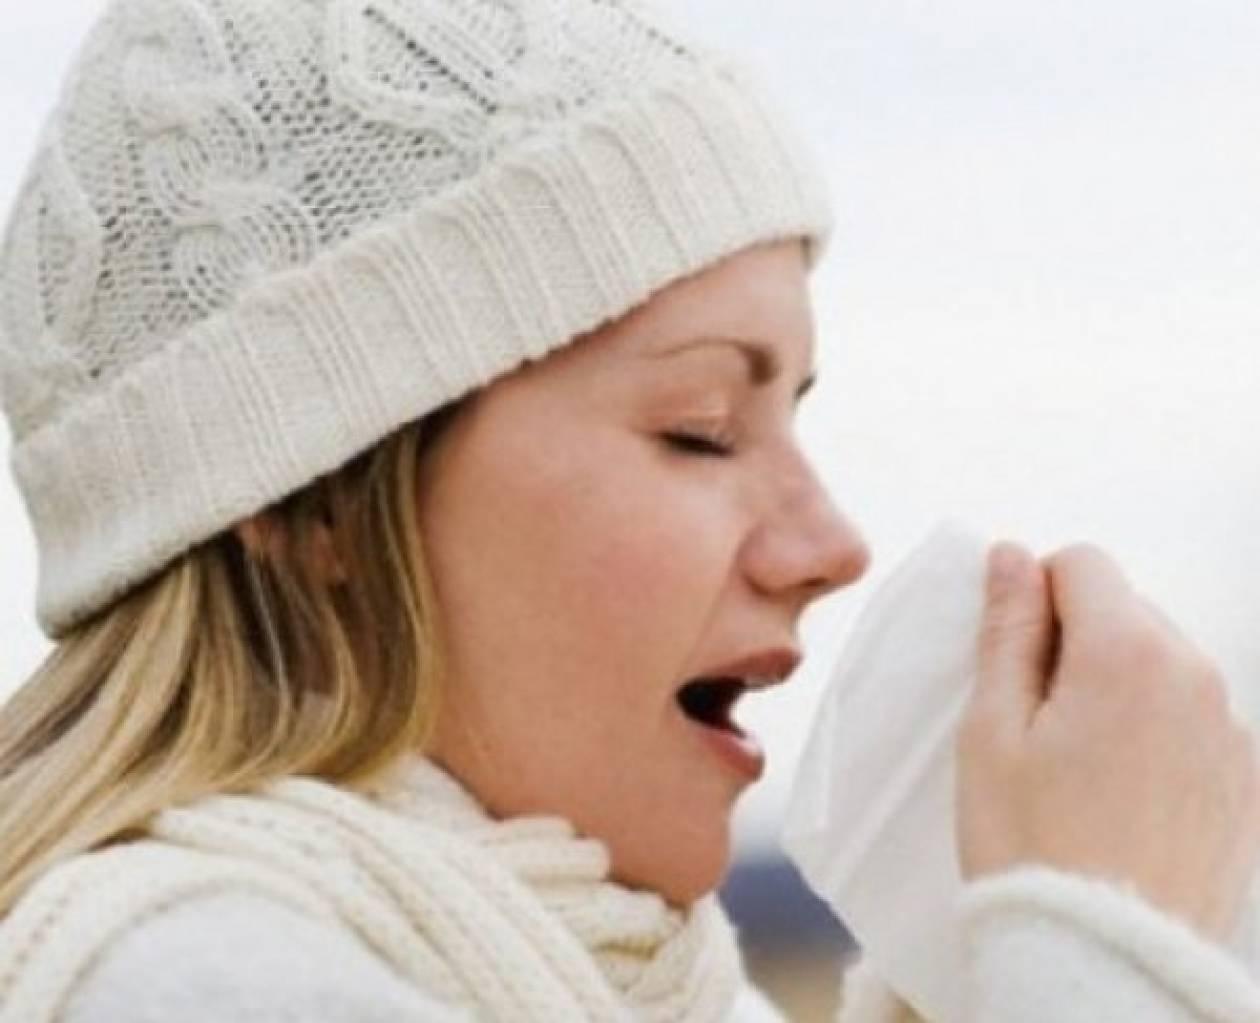 Κρυολόγημα: Οφείλεται στις χαμηλές θερμοκρασίες του Χειμώνα;